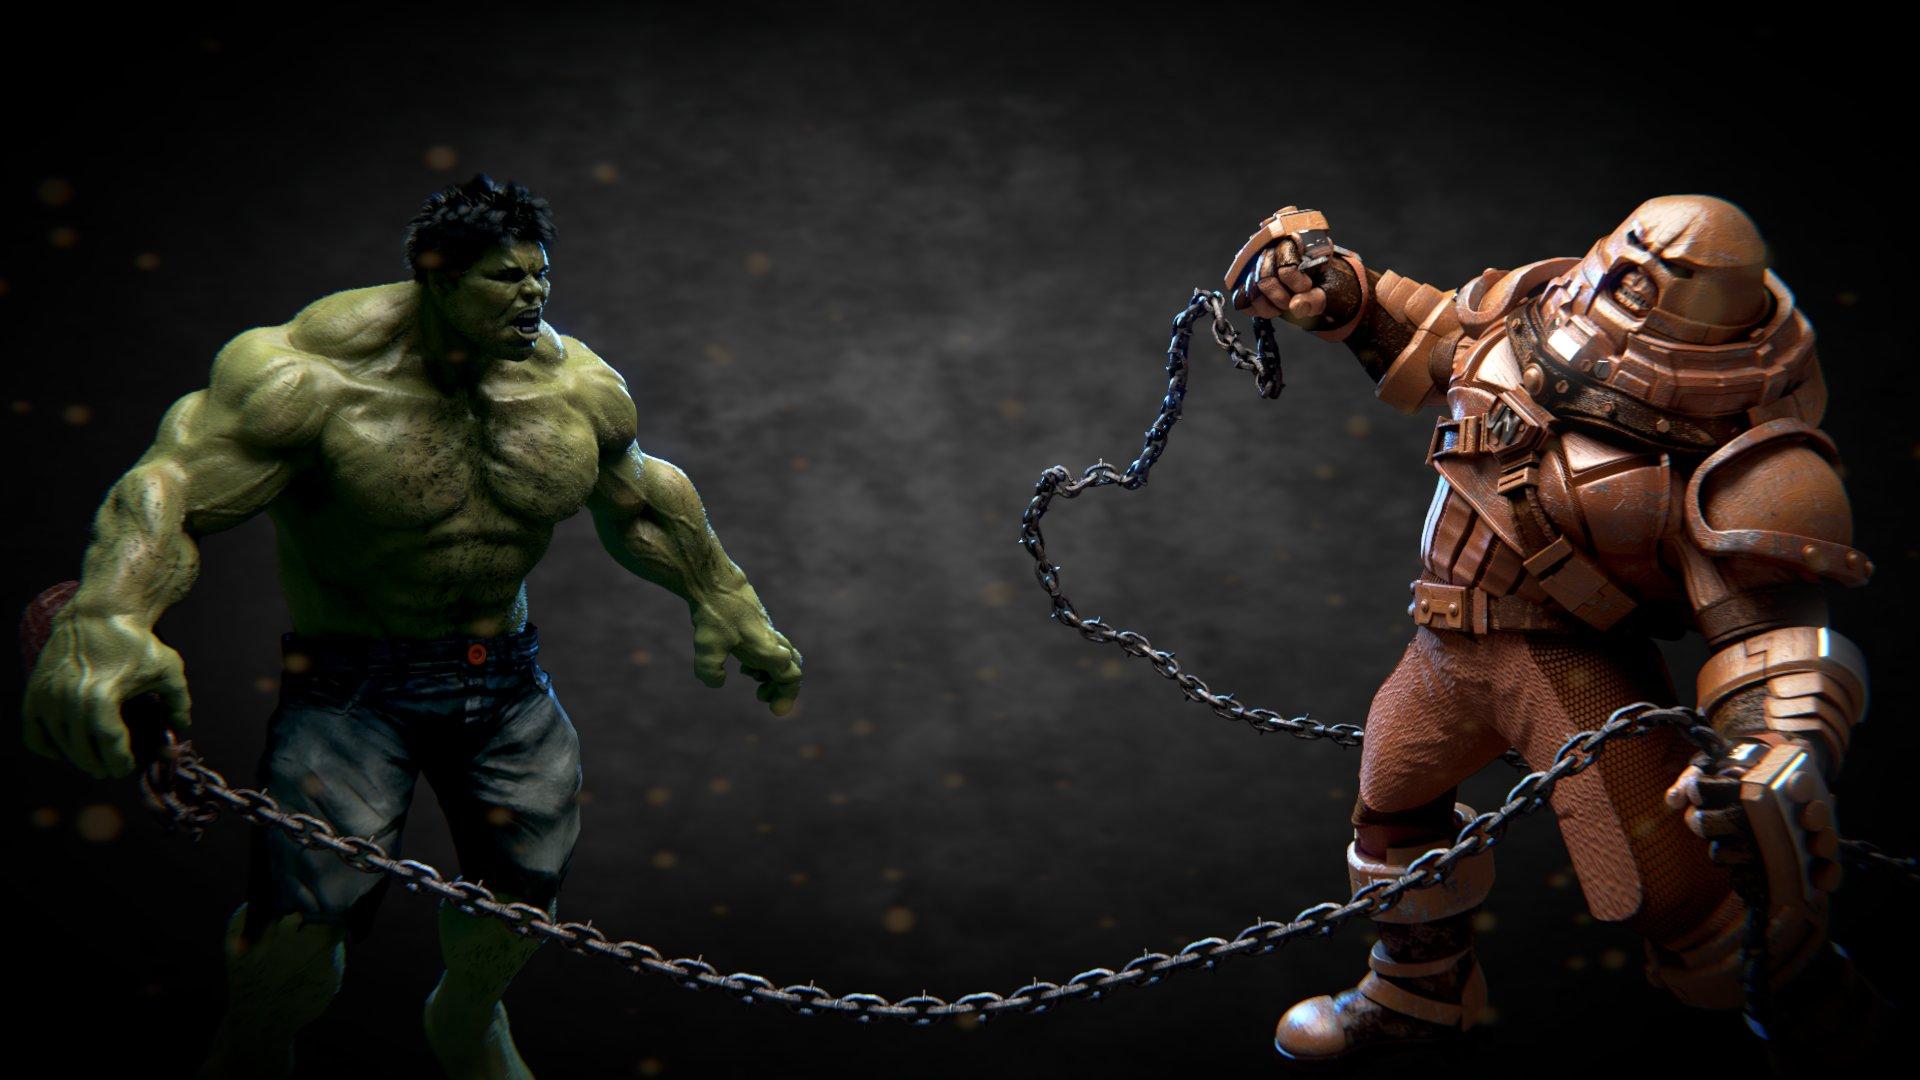 X Men Juggernaut Vs Hulk